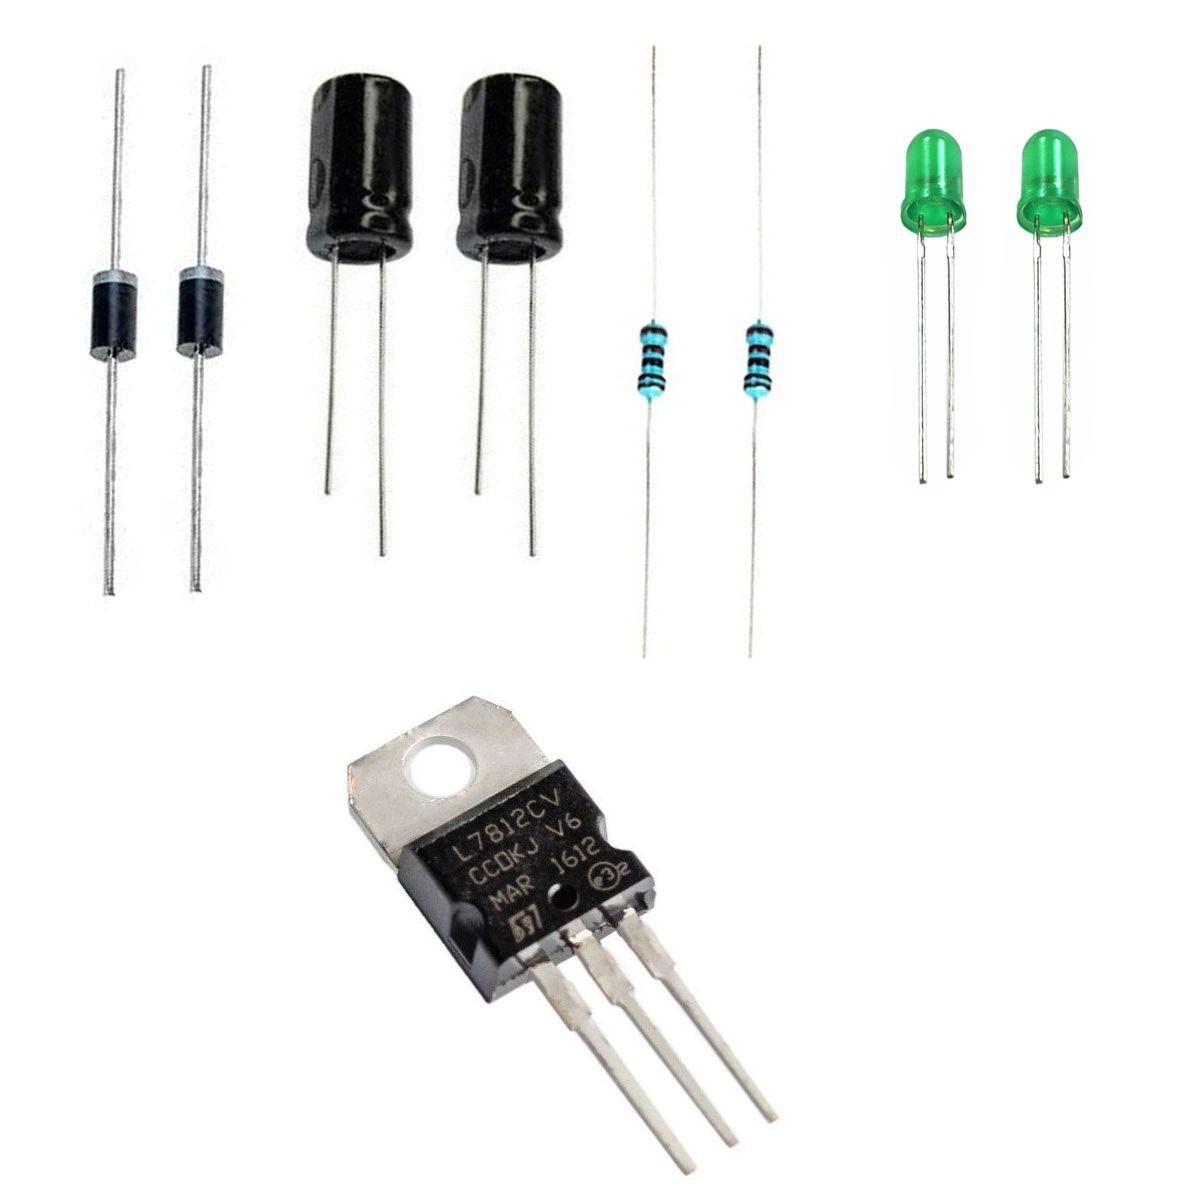 Kit para Montagem de Fonte 12v com Diodo, Capacitor, Led e Resistor